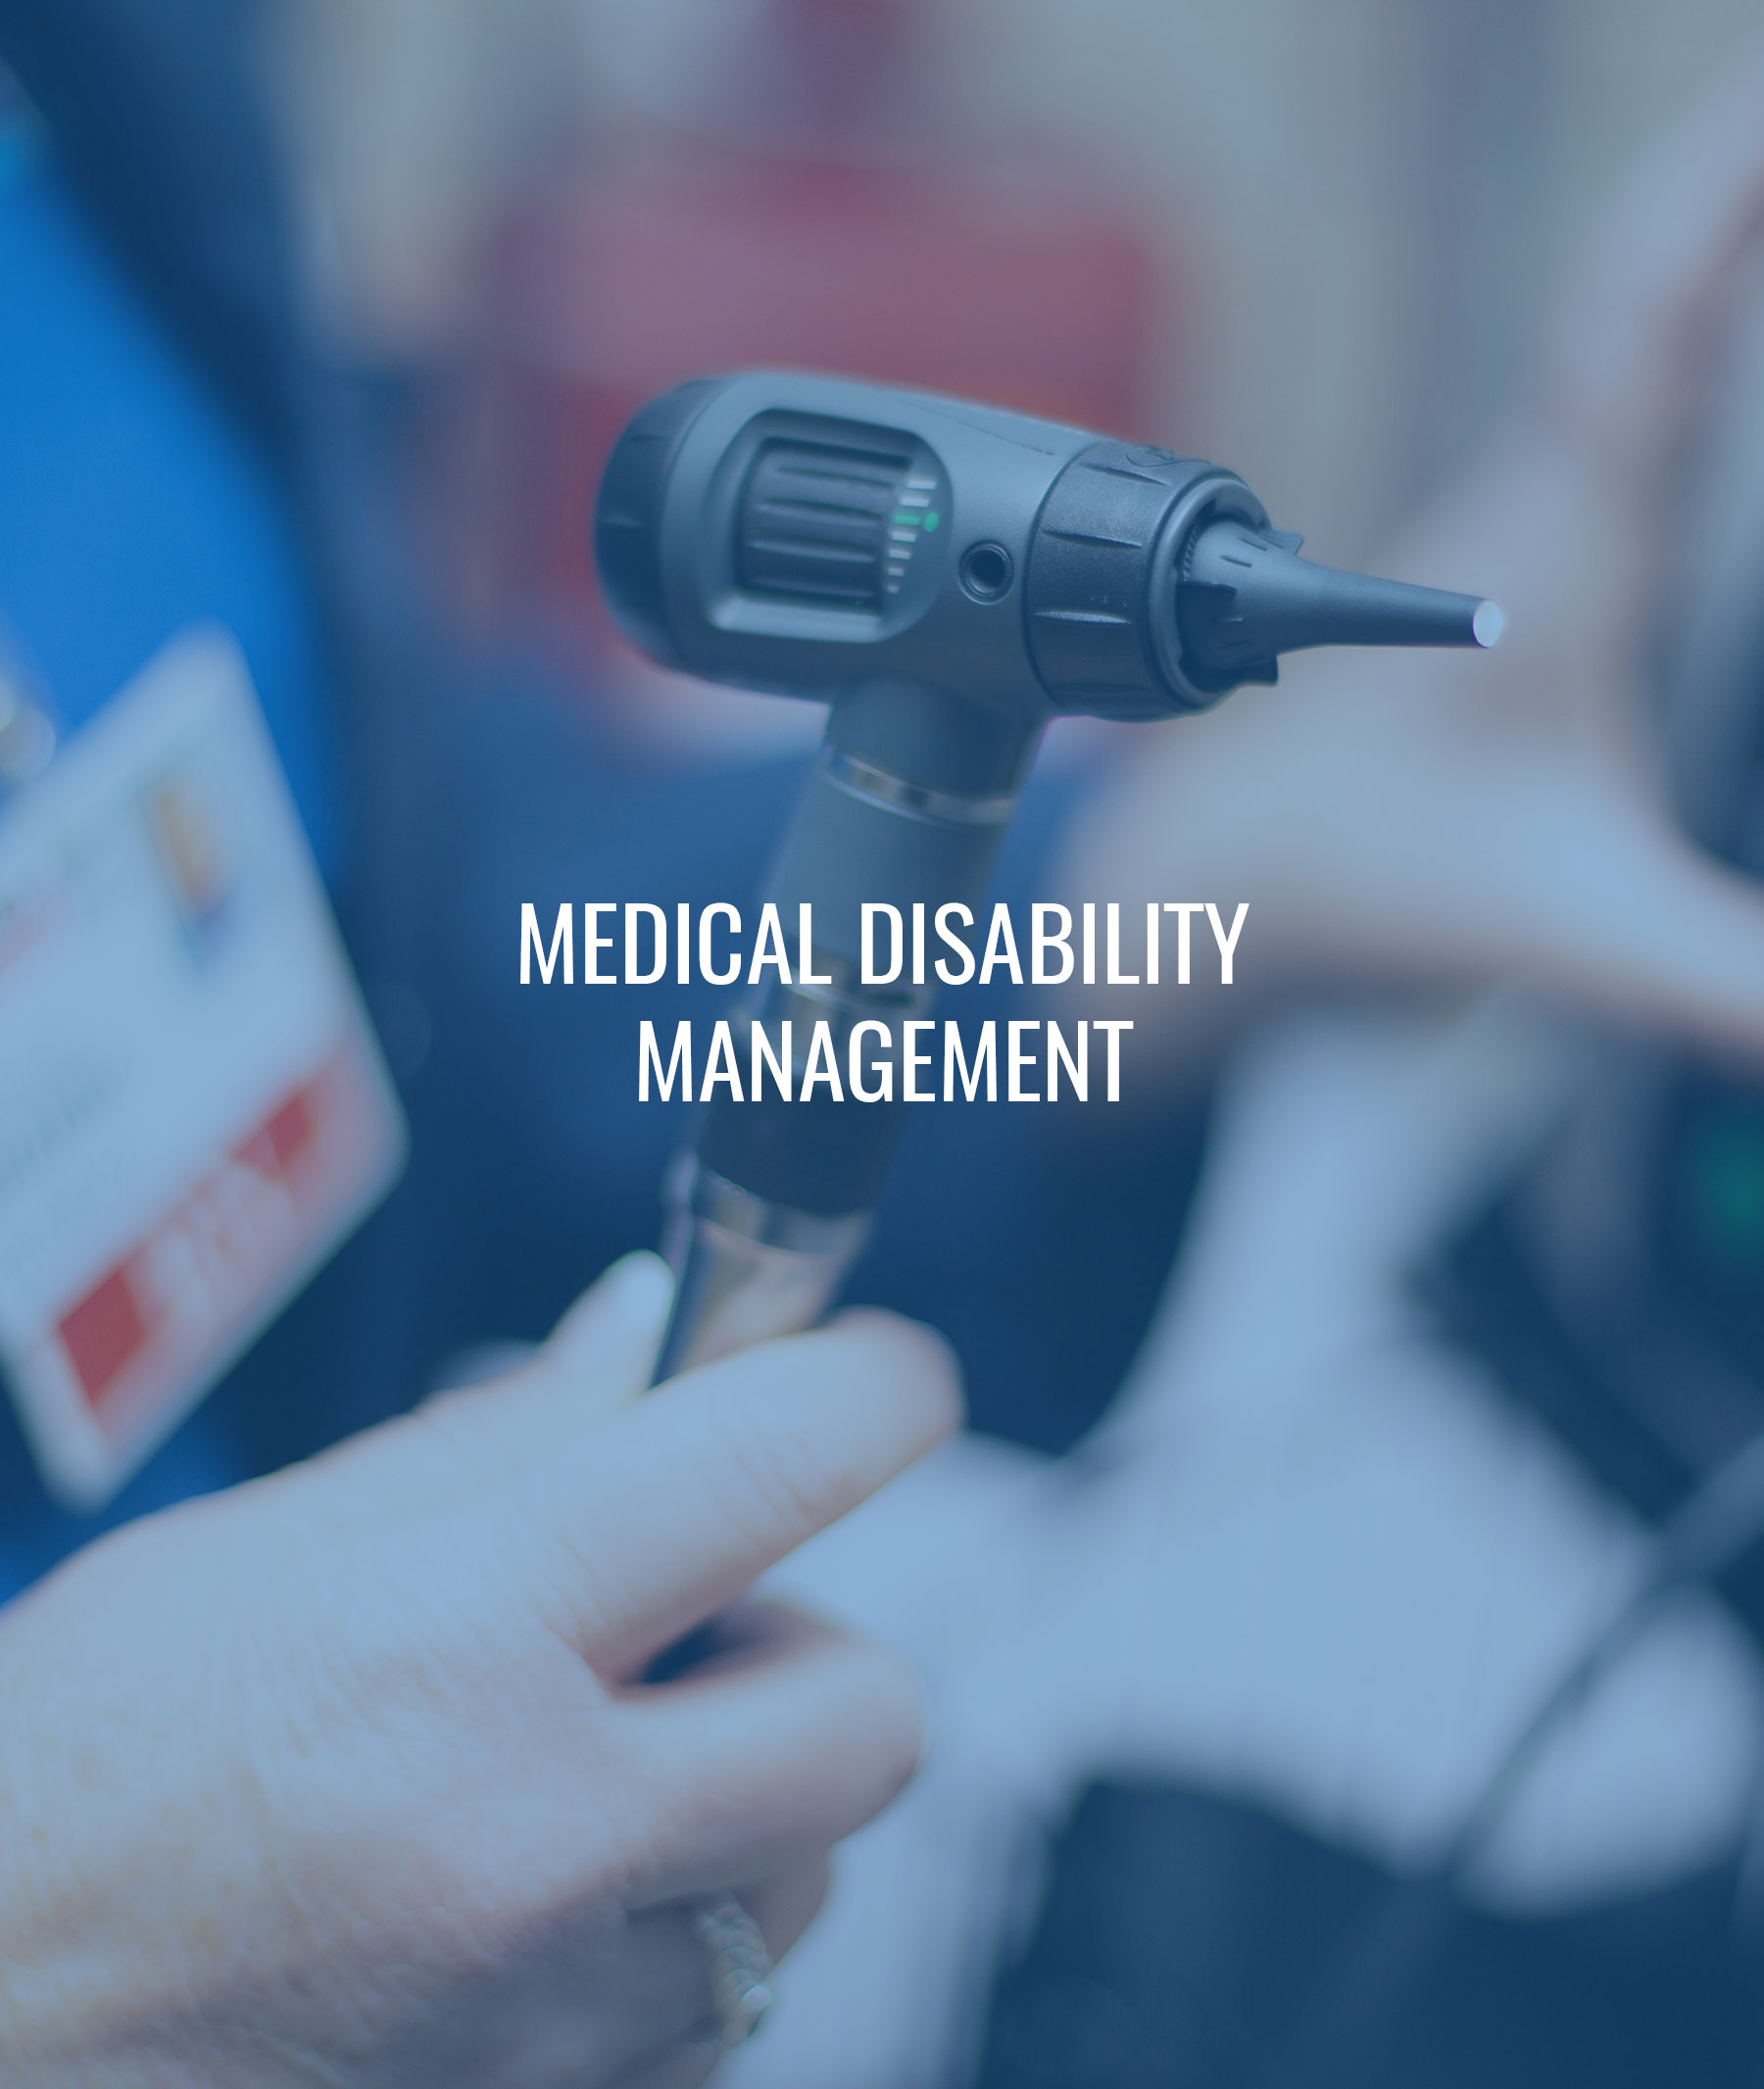 whi_medicaldisabilitymanagement-5.jpg